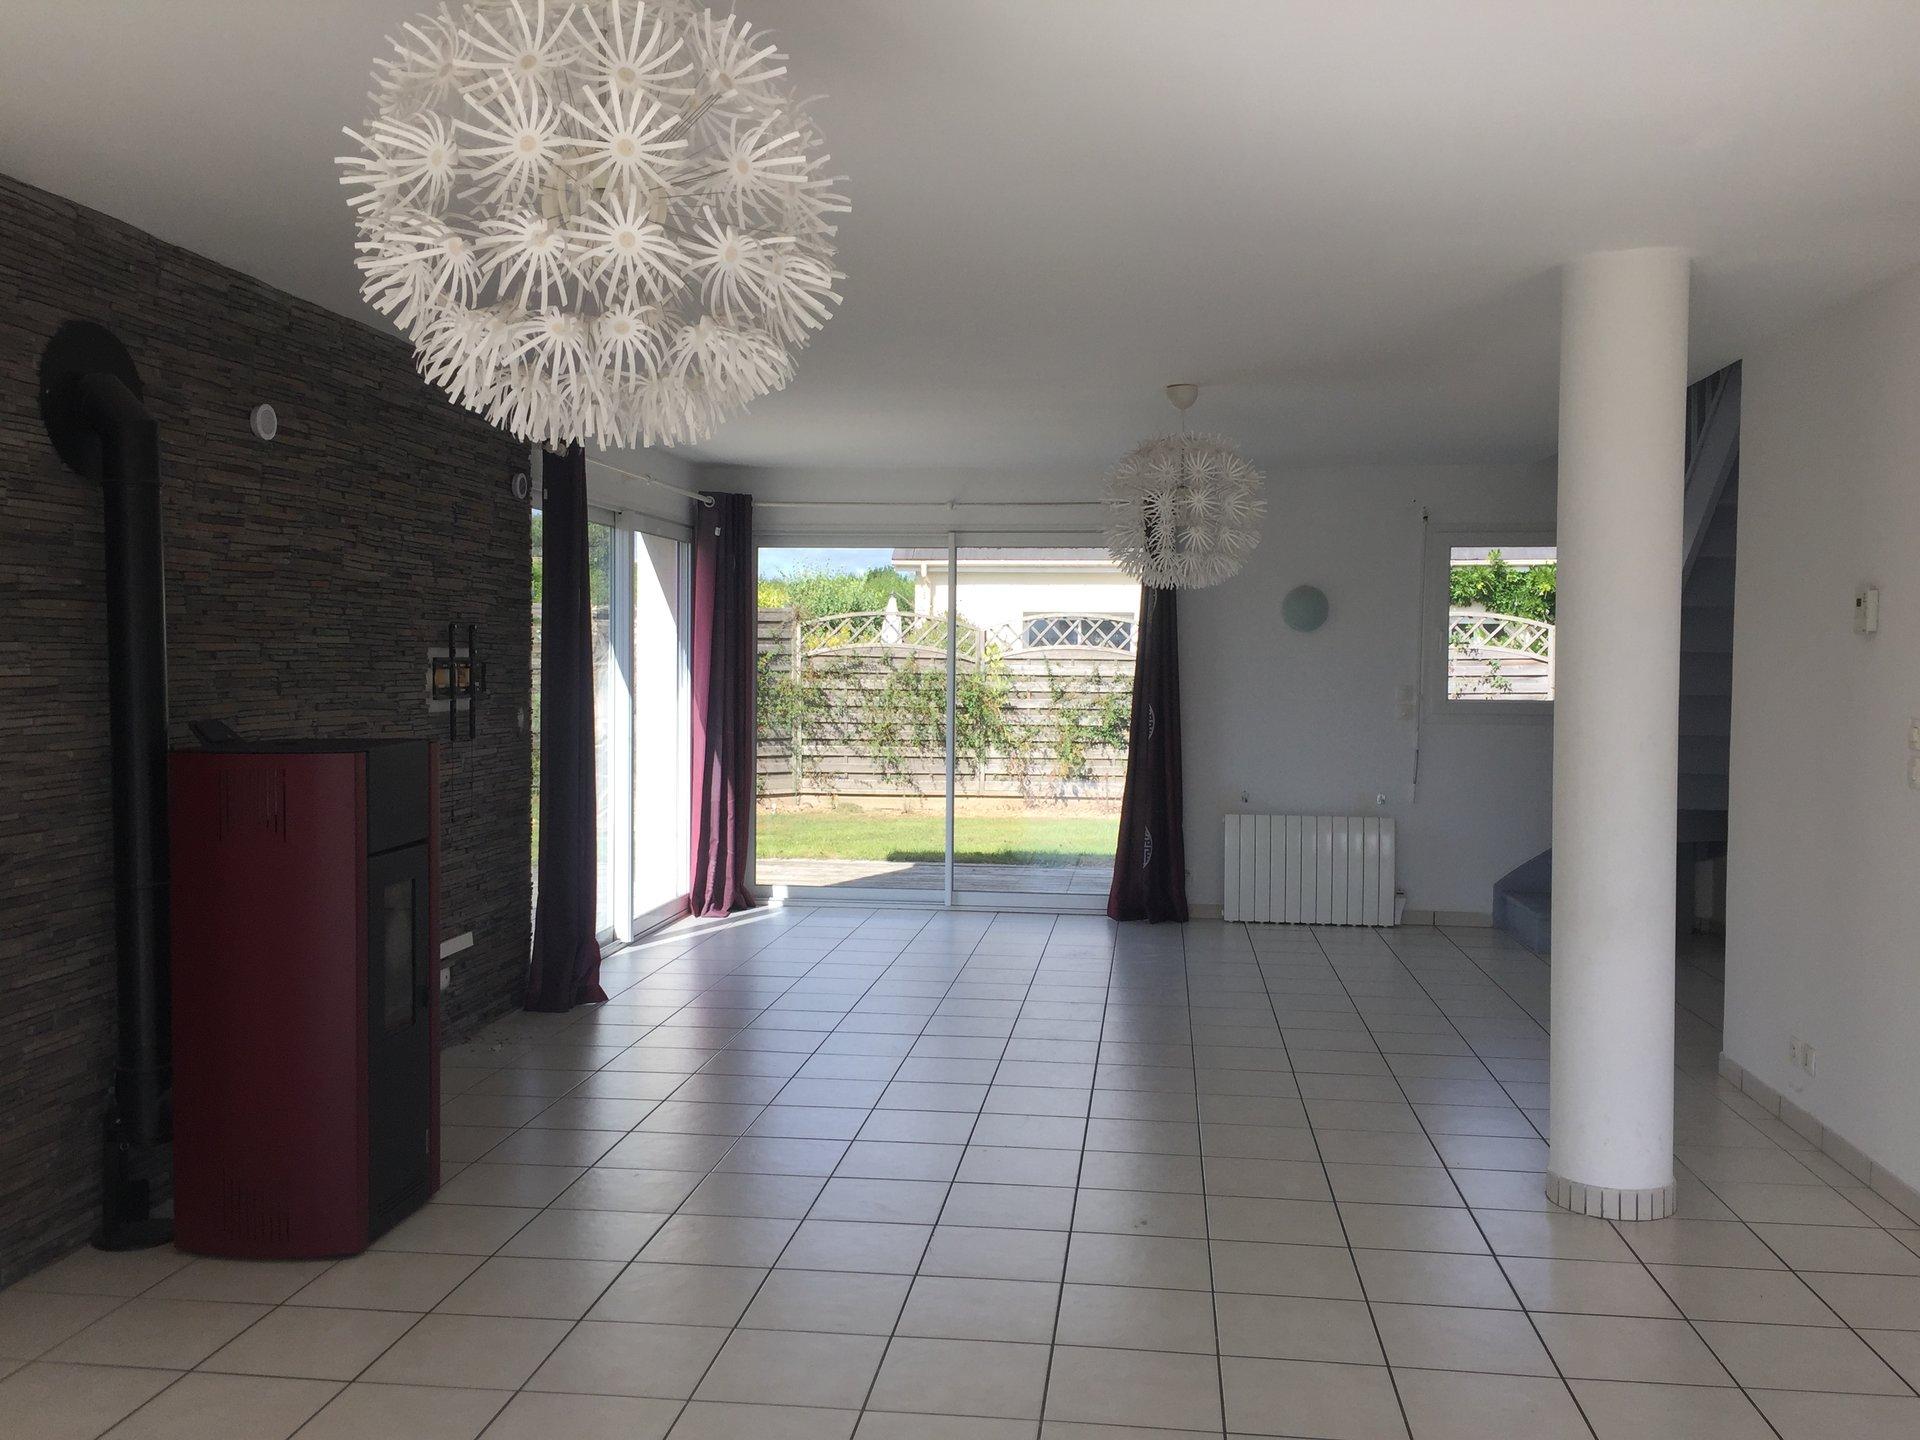 Maison 4 chambres FRANQUEVILLE-ST-PIERRE